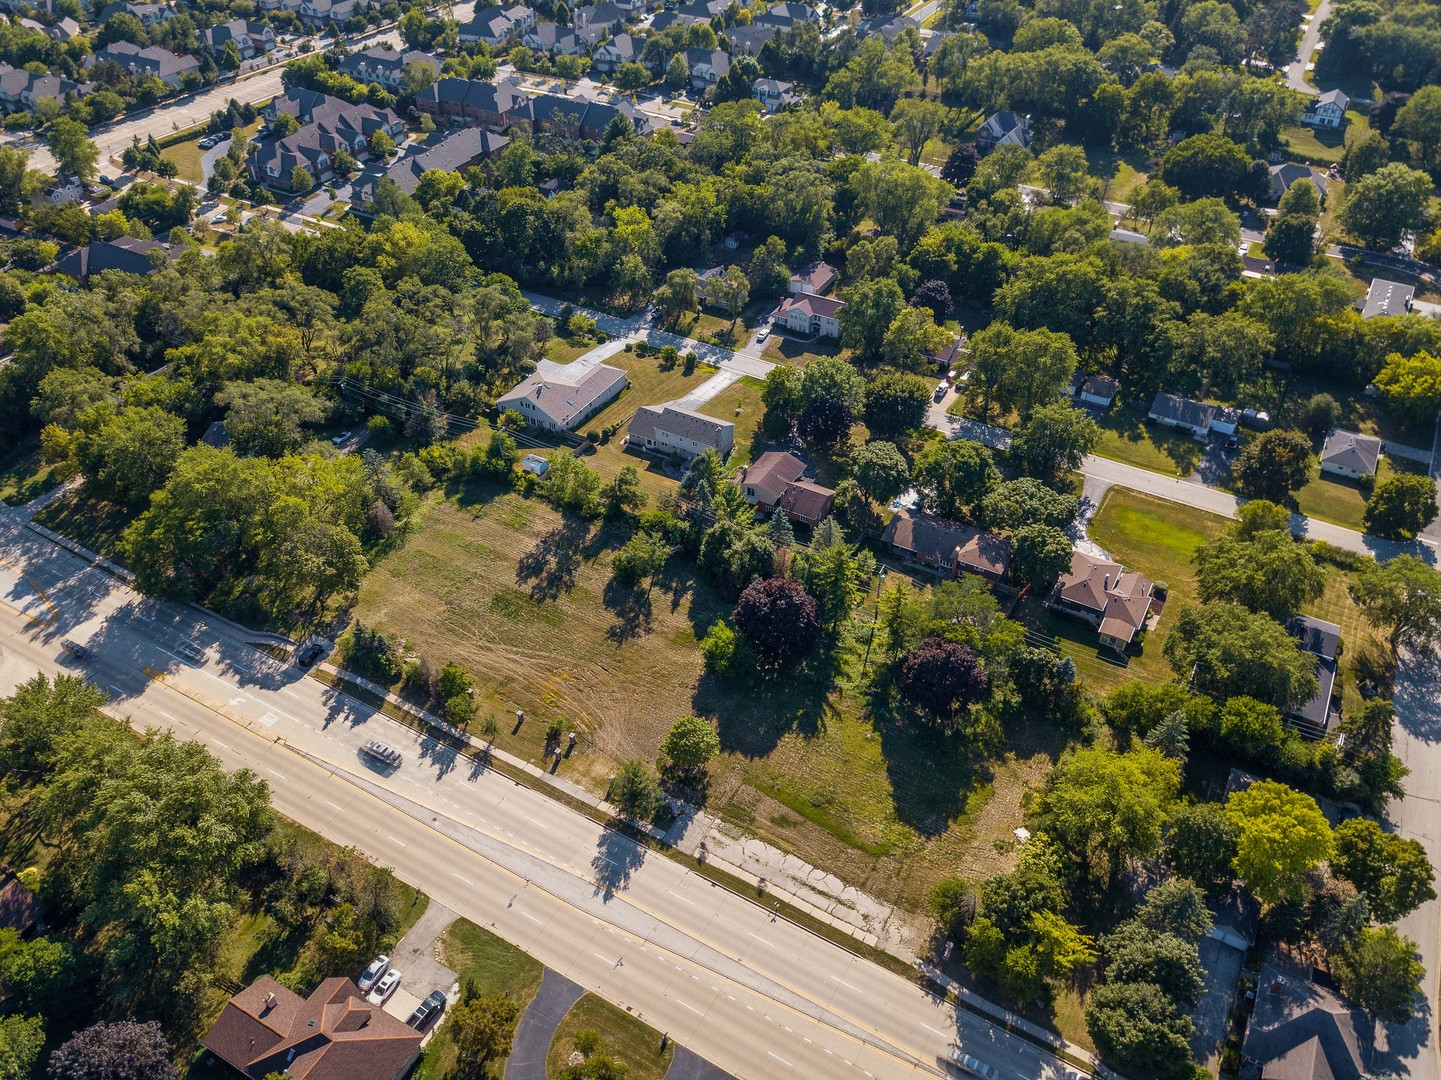 896 Quentin ,Palatine, Illinois 60067